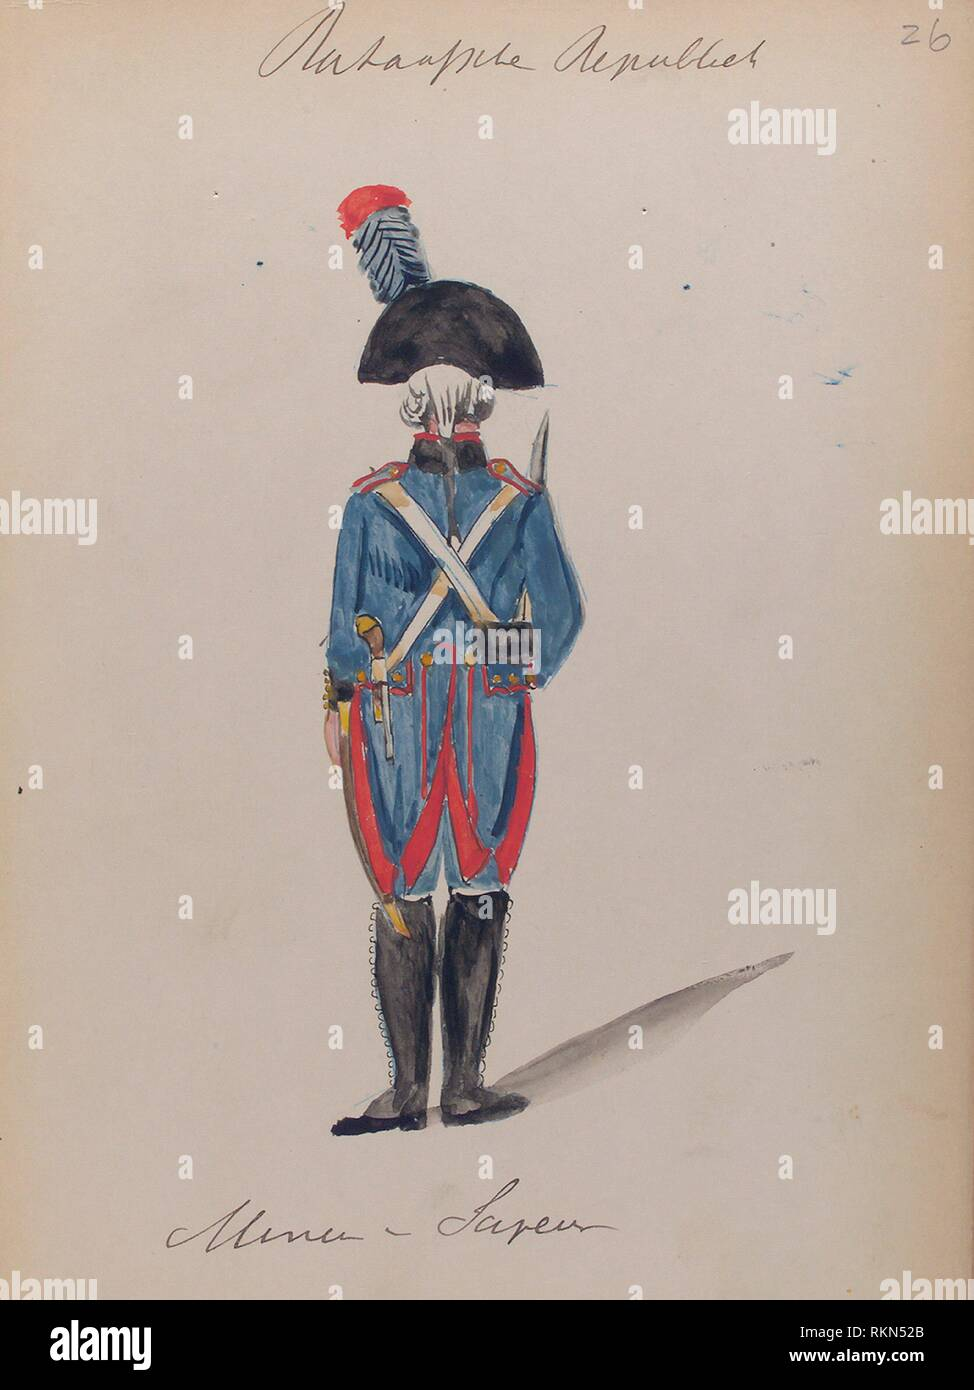 Bataafsche Republiek. Mineur Sapeur. Vinkhuijzen, Hendrik Jacobus (Collector). The Vinkhuijzen collection of military uniforms Netherlands - Stock Image